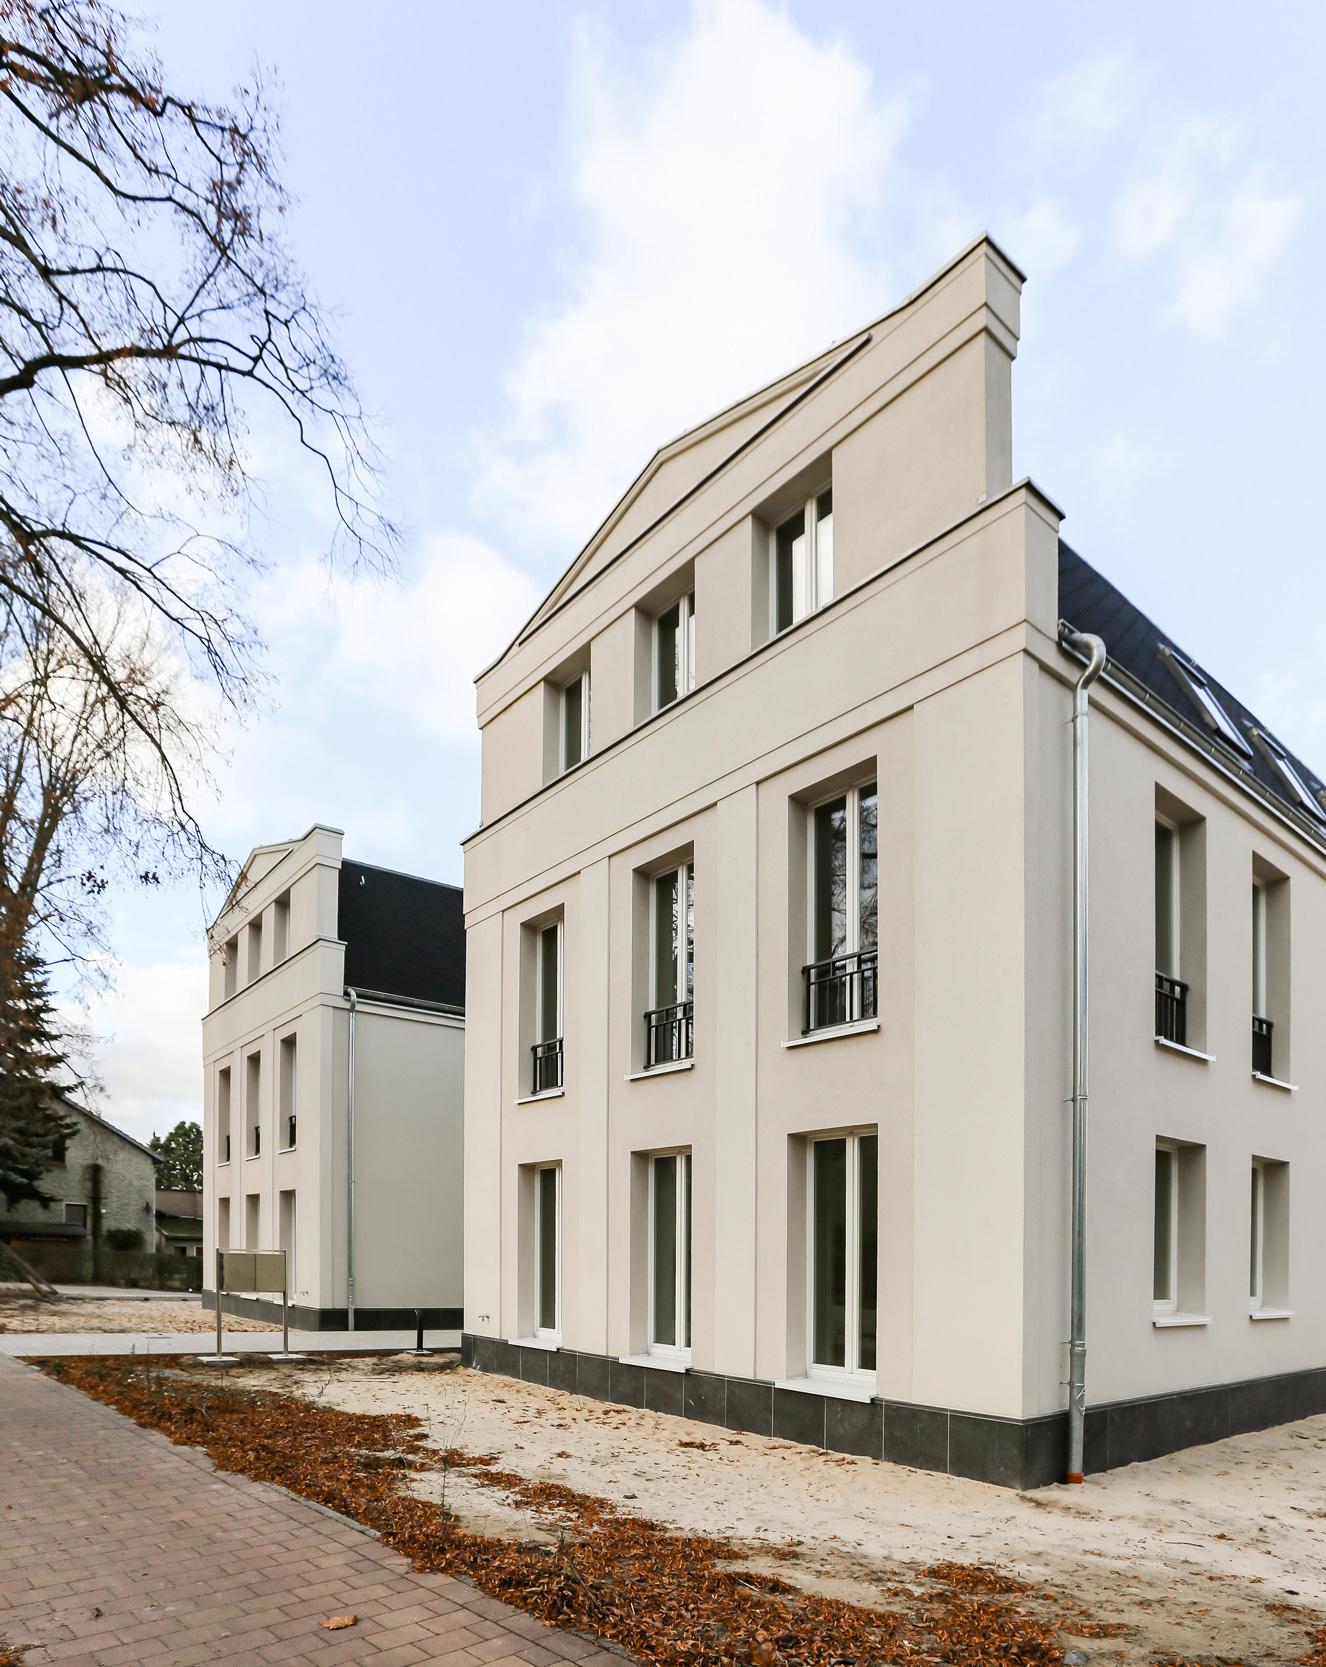 Neubau von Eigentumswohnungen im traditionellen Stil Berlin - Die hochwertige Architektur zeigt sich in der aufwendigen Fassadengestaltung.